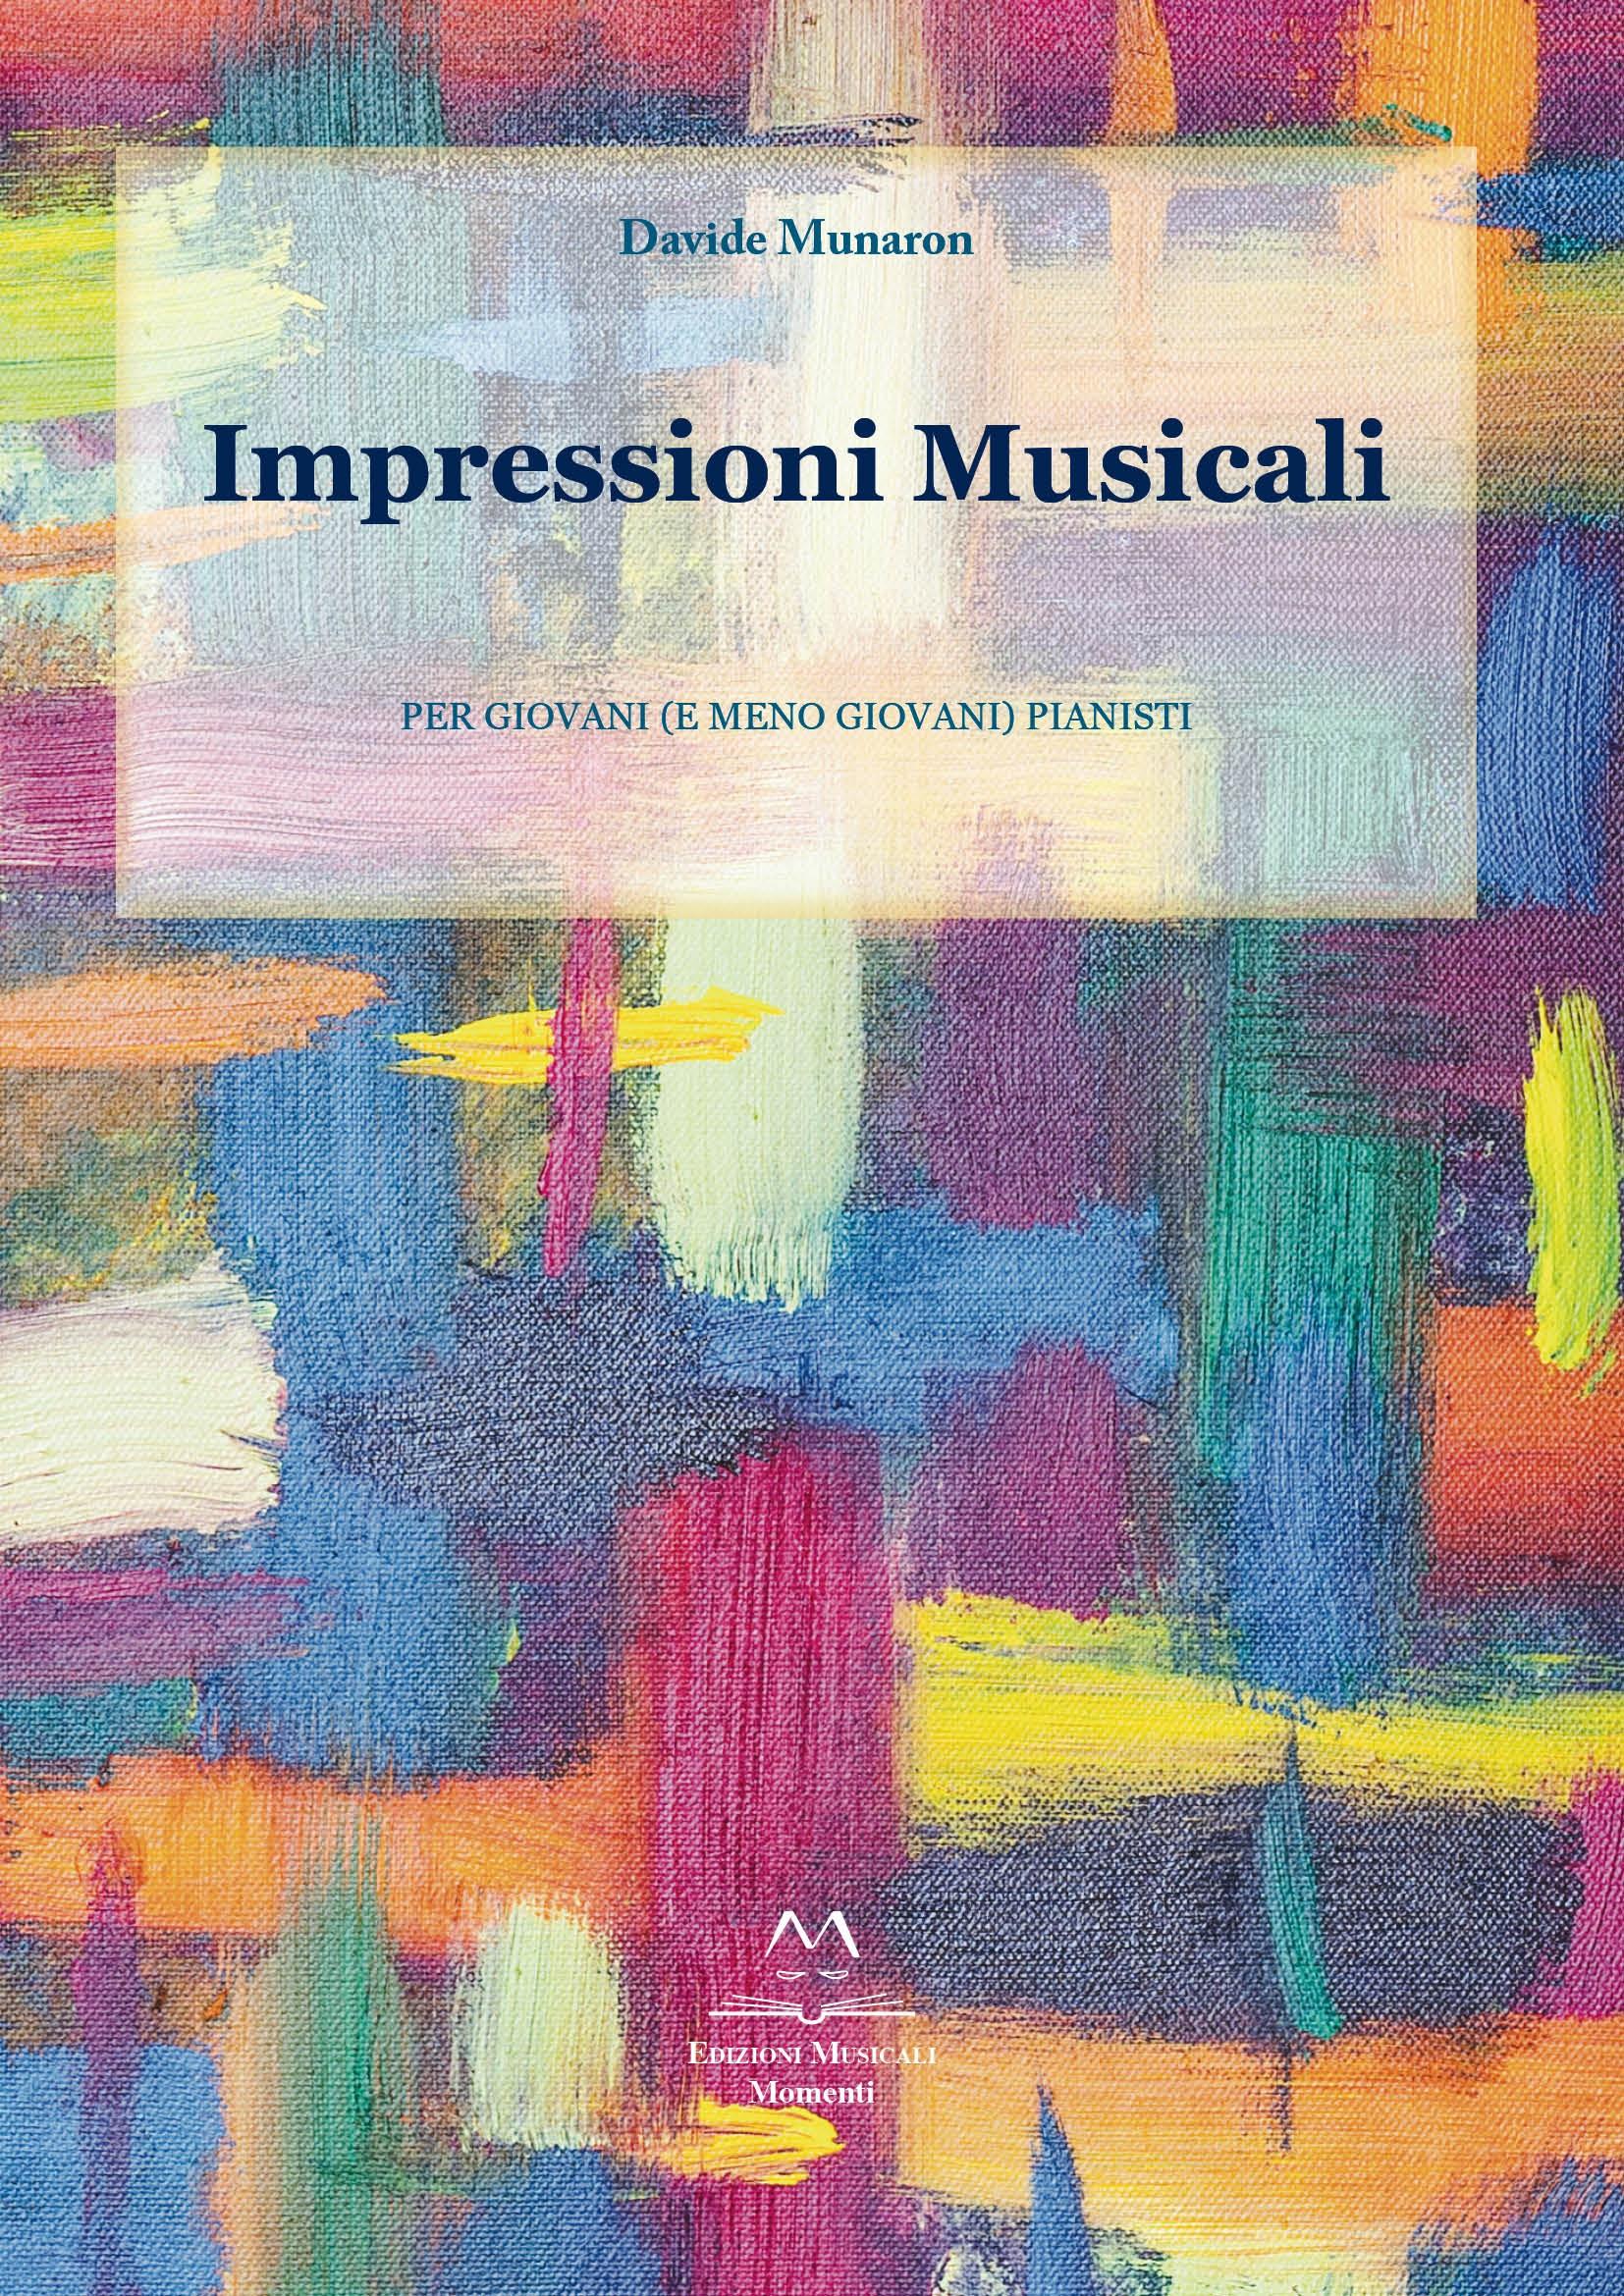 Impressioni Musicali di Davide Munaron